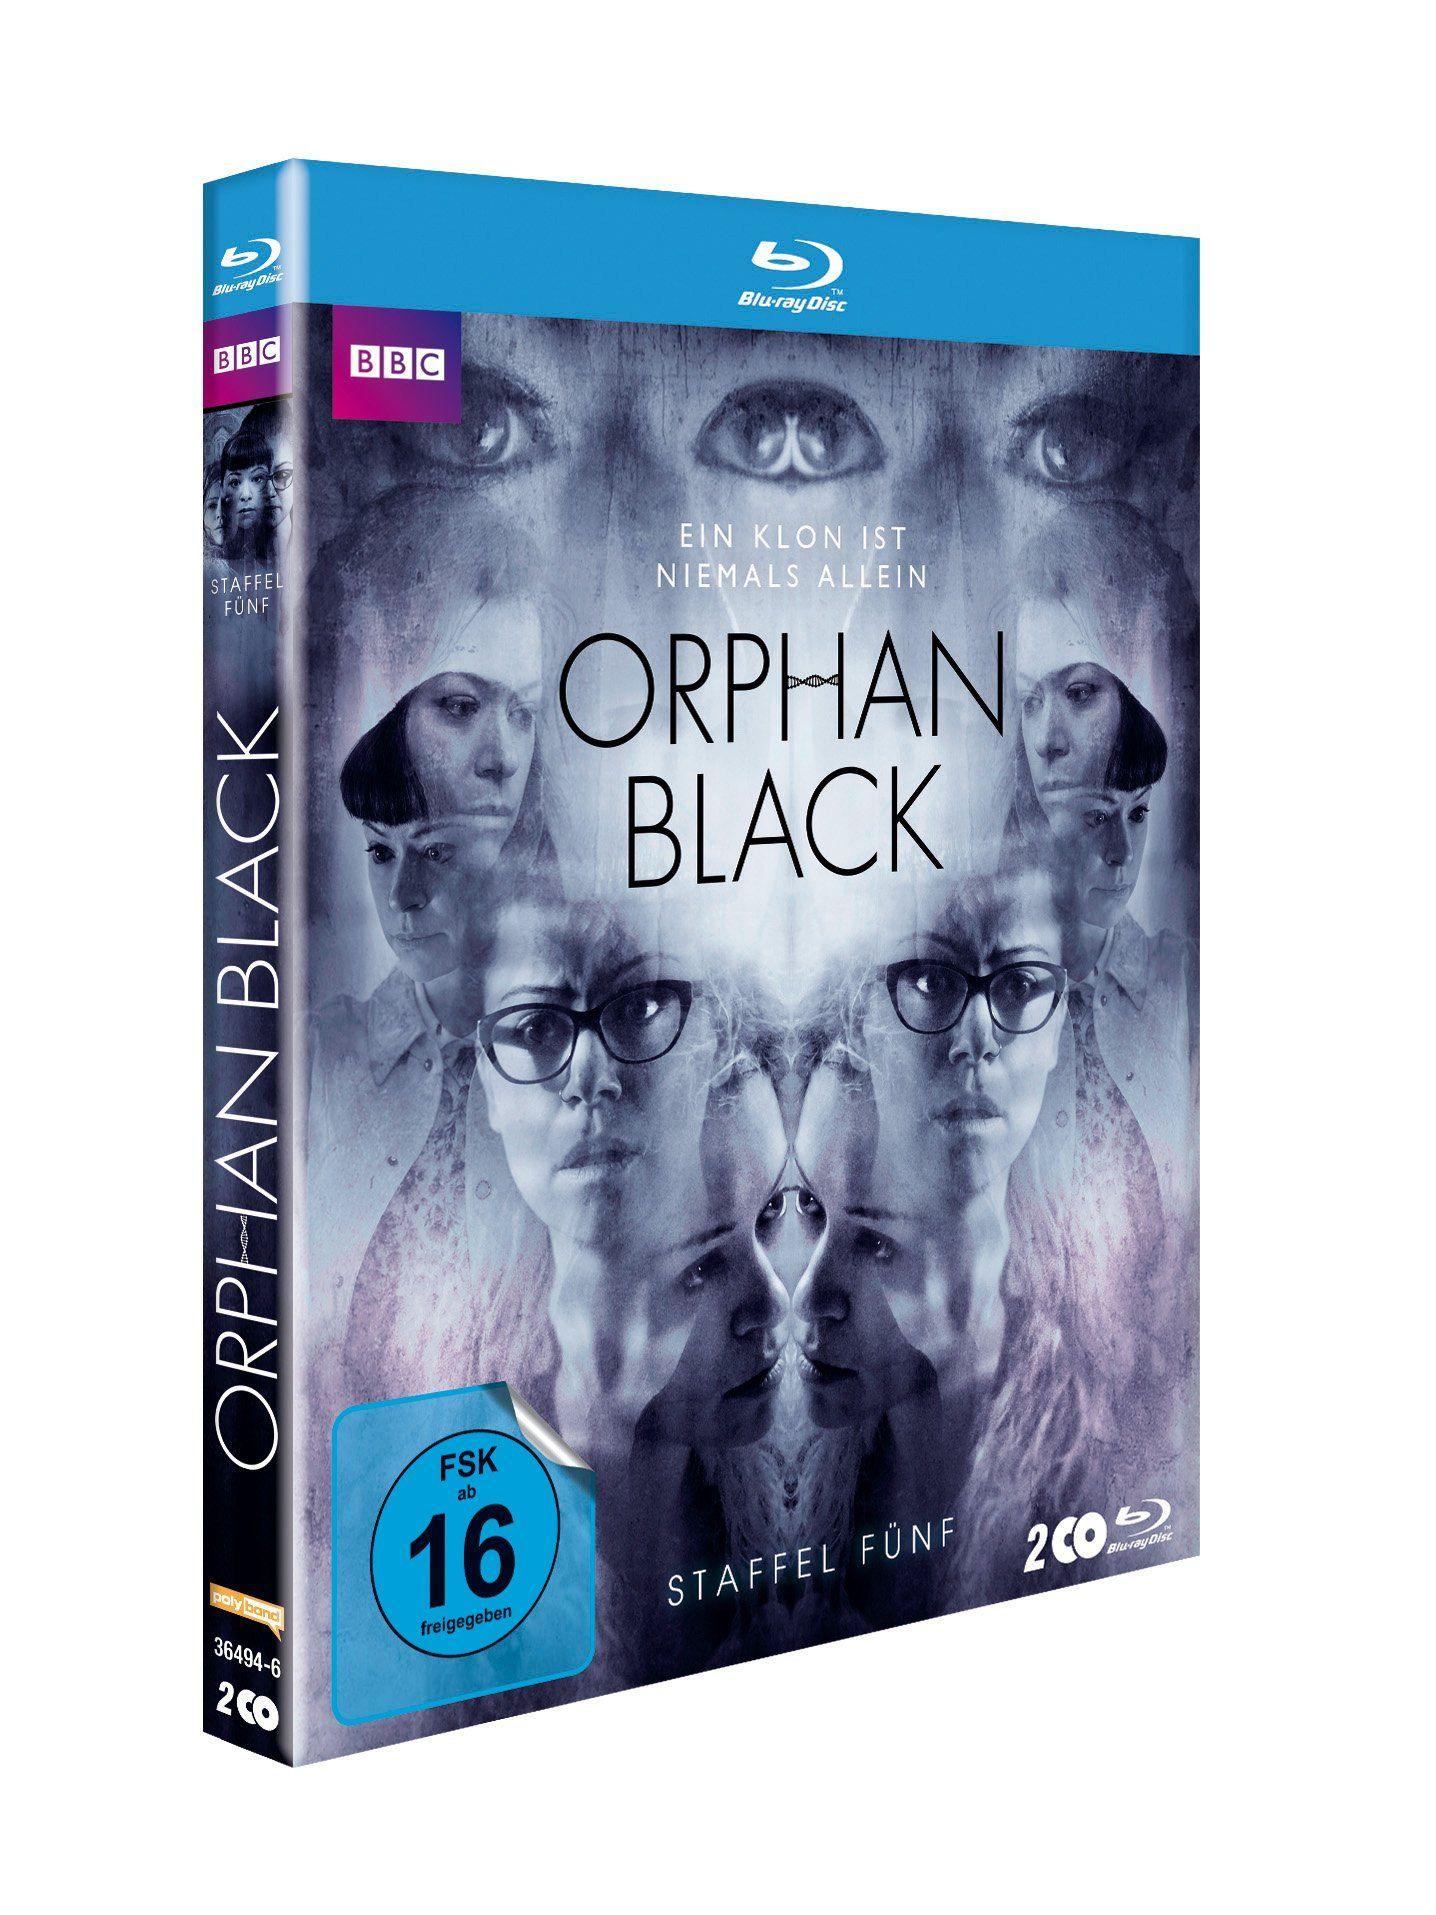 Orphan Black Staffel 5 Alemania Blu Ray Staffel Black Orphan Ray Con Imagenes Orphan Black Alemania Belico